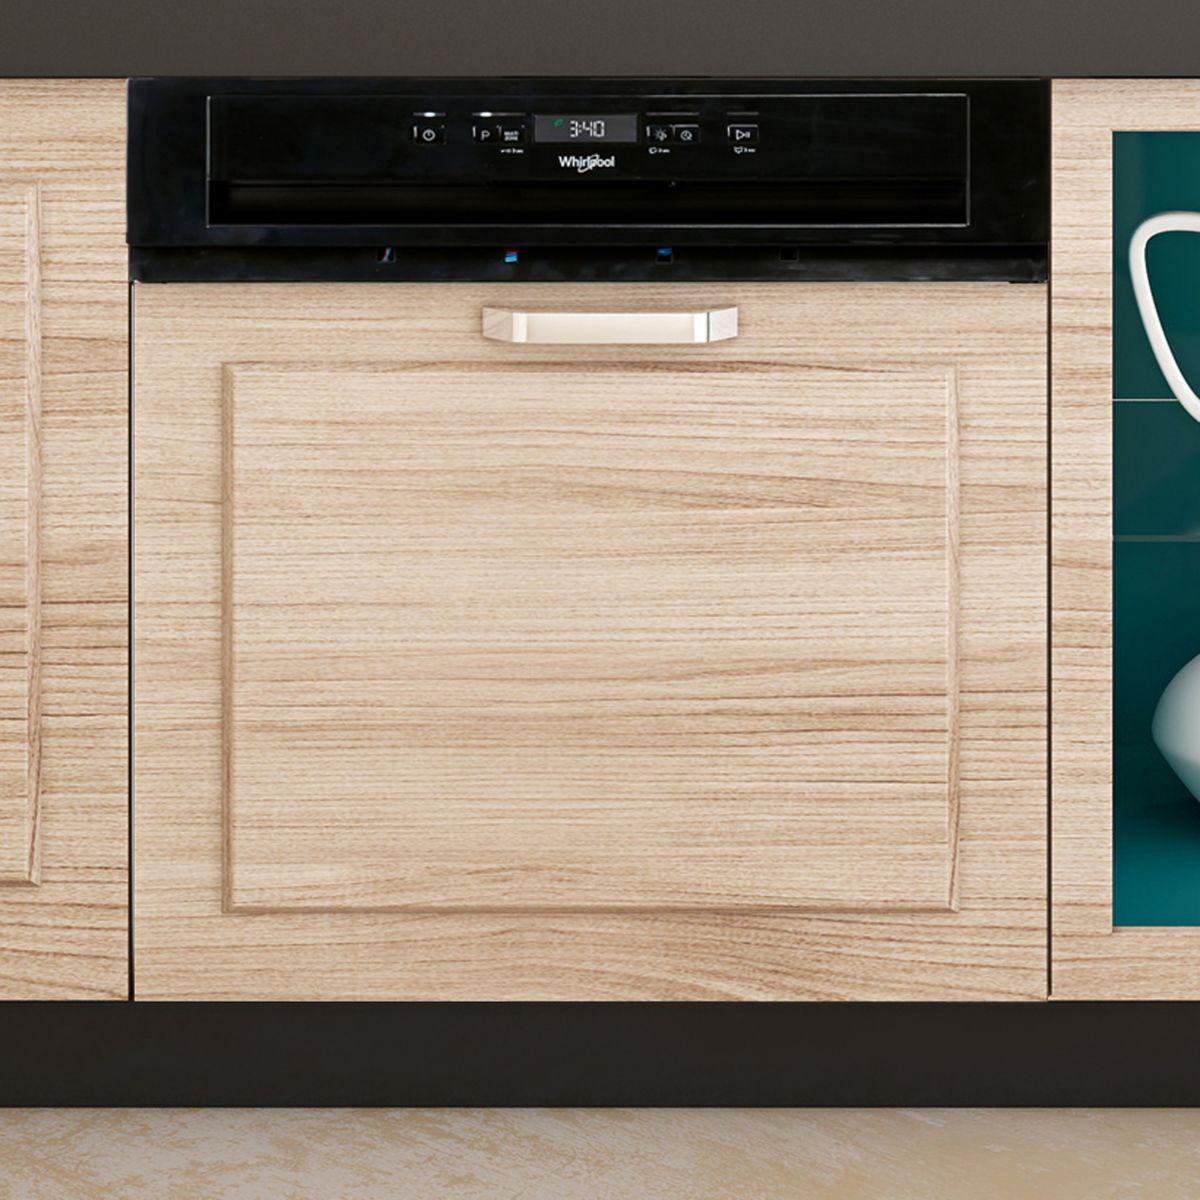 Lave-vaisselle int?grable 60cm whirlpool wkbo3t123pfb - 20% de remise imm?diate avec le code : wd20